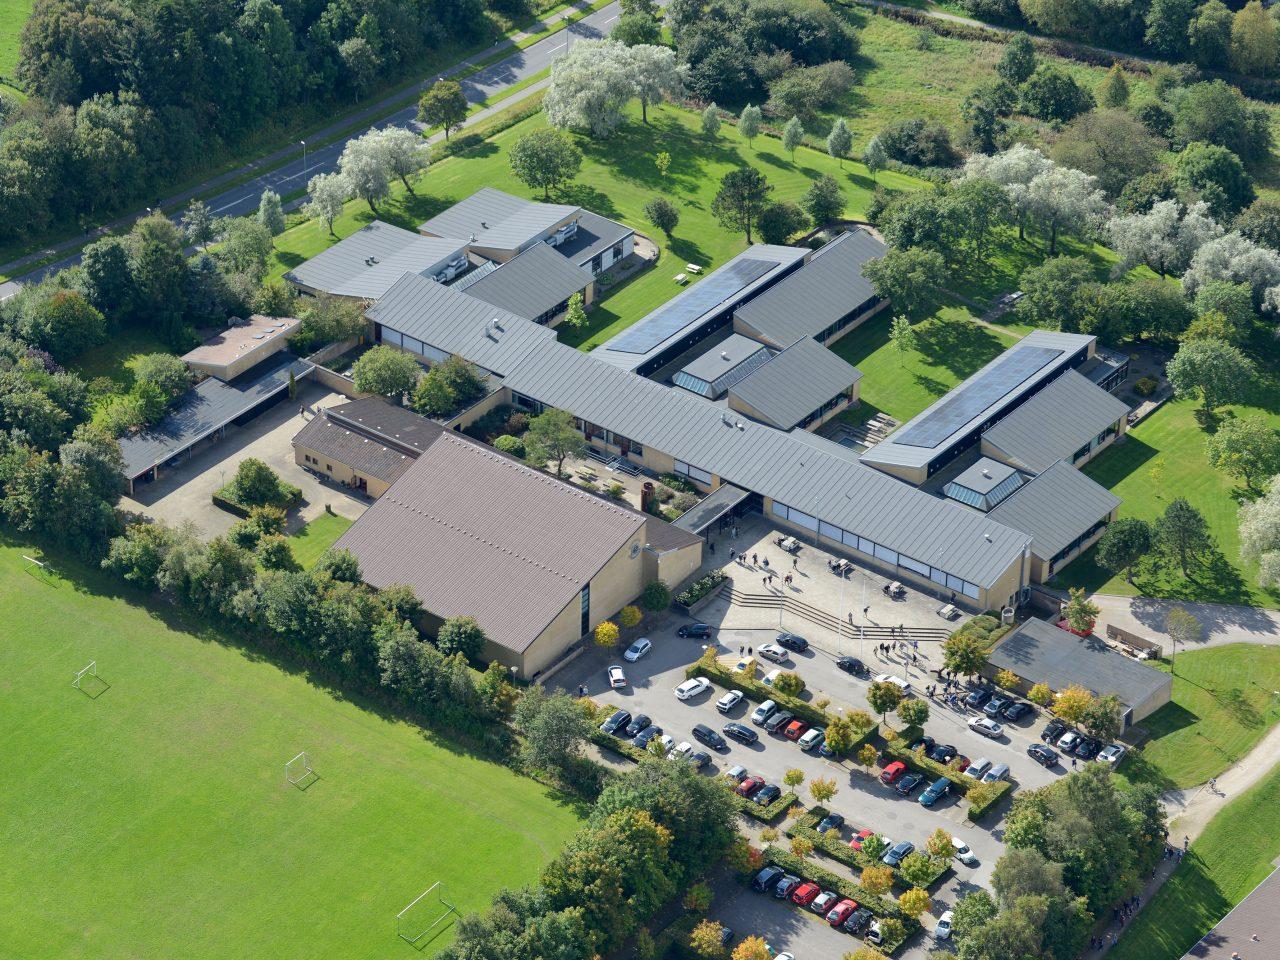 Billede af skolen fra oven - luftfoto